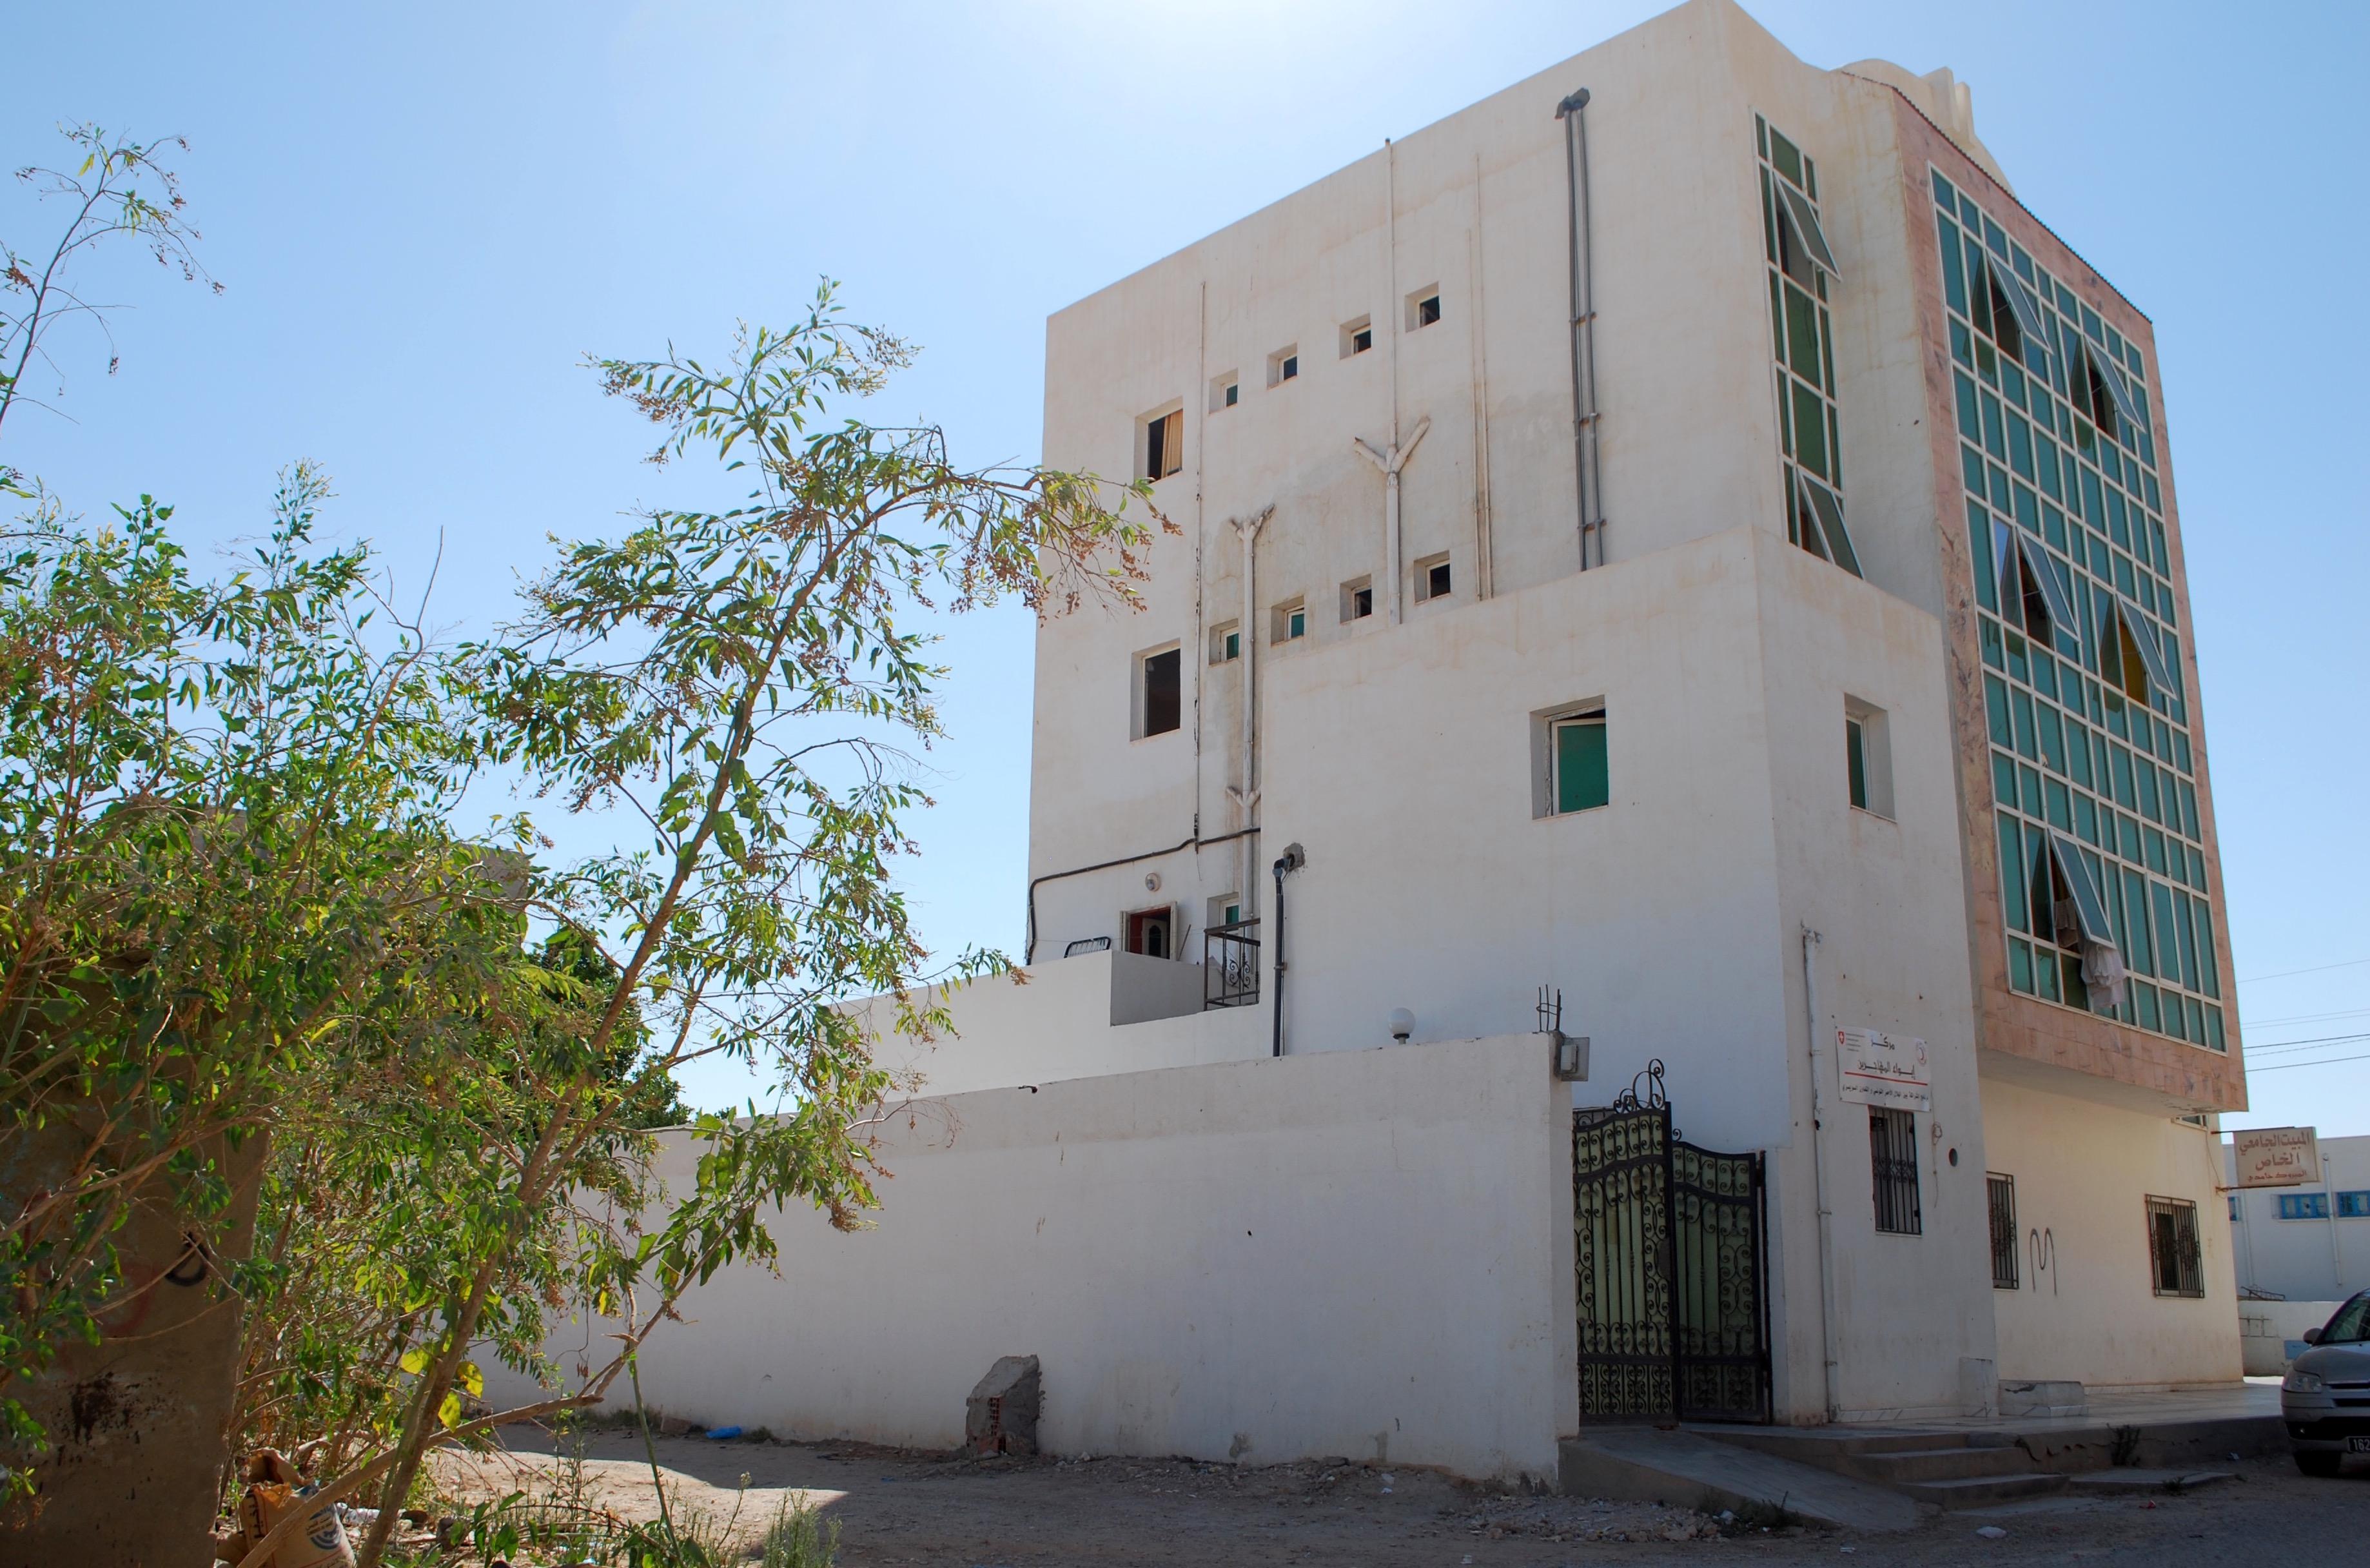 Migranten in Tunesien: Eines der beiden Aufnahmezentren Le Foyer in Medenine